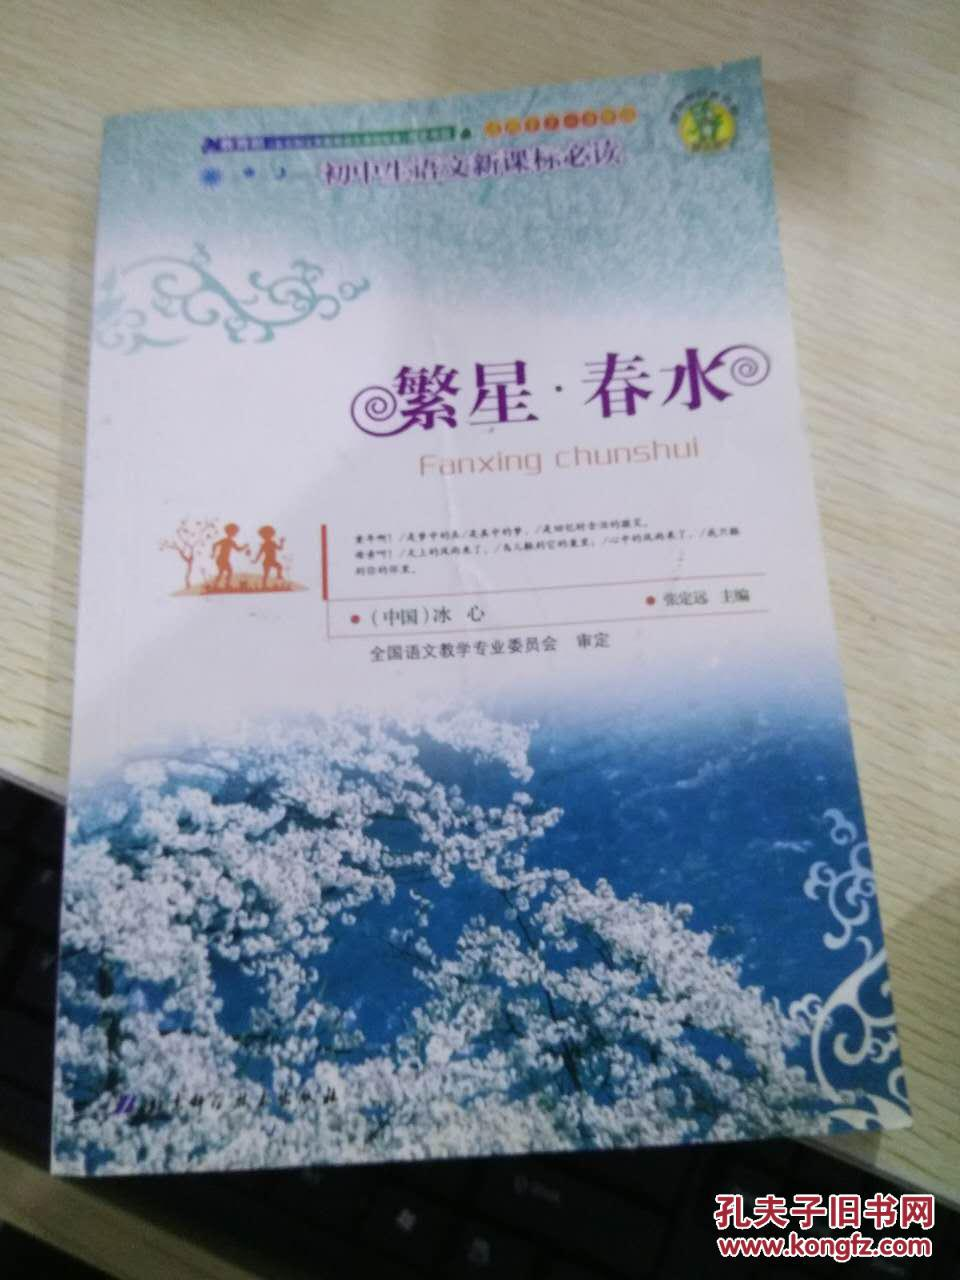 繁星春水摘抄傺-c���_繁星 春水.